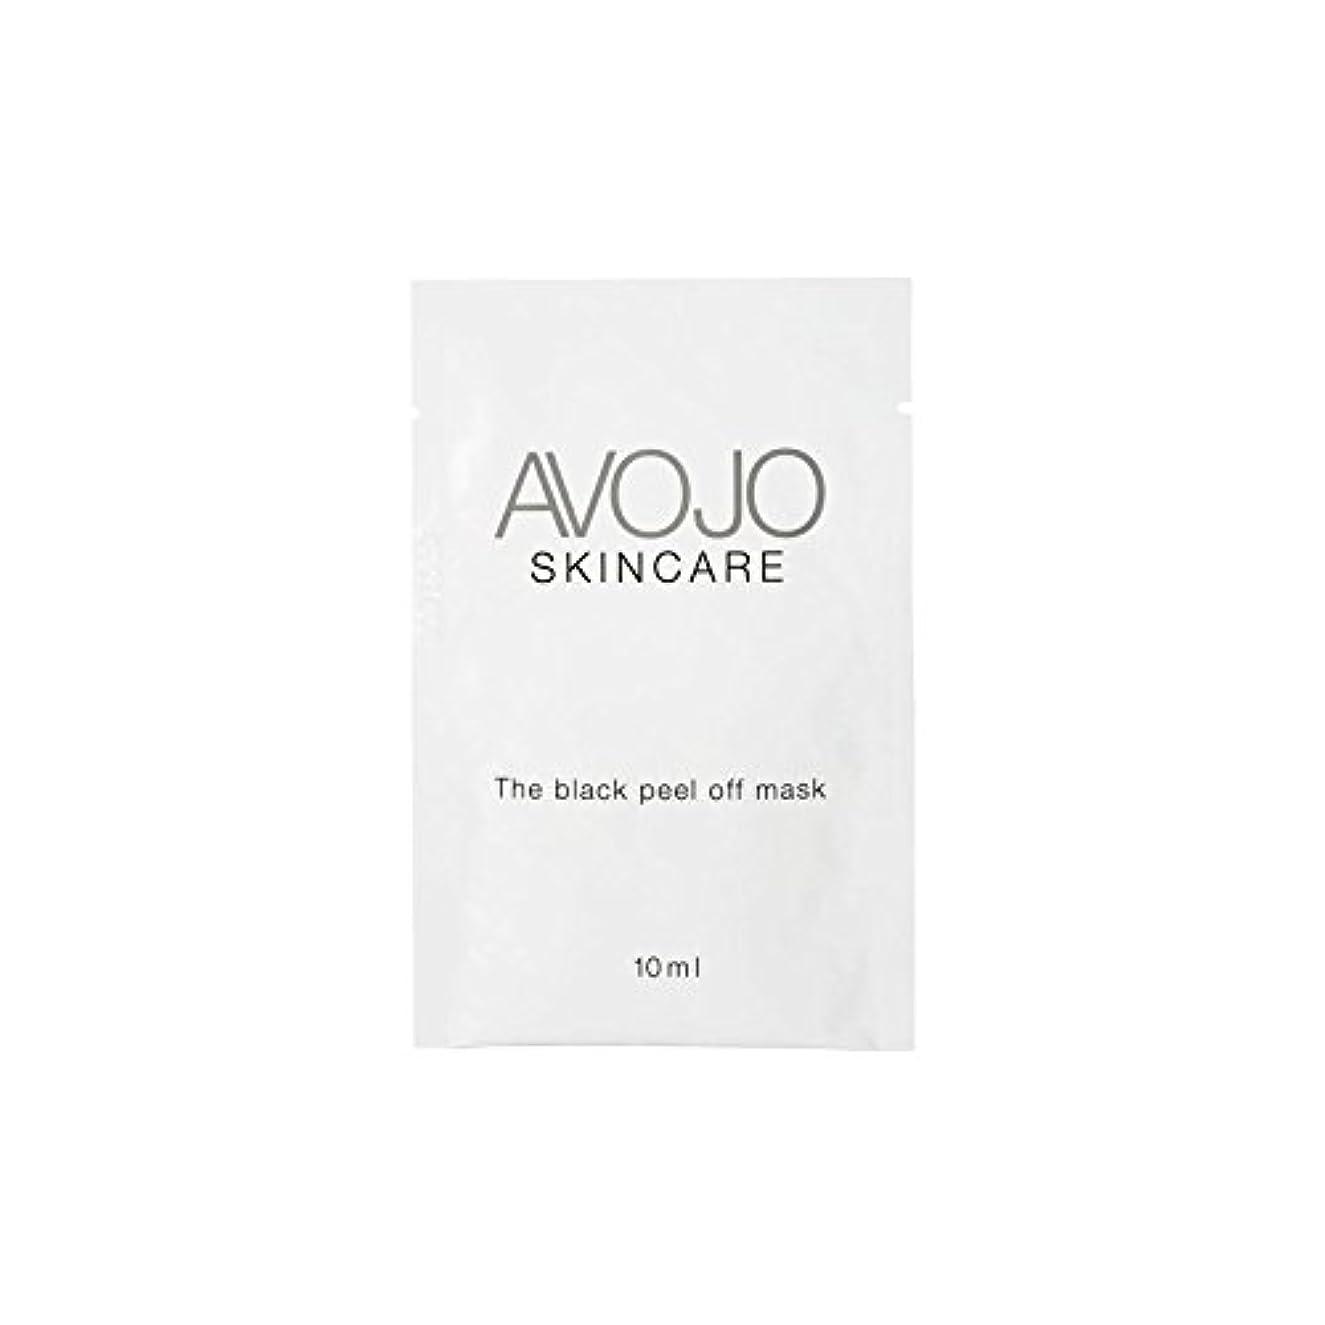 ラフ睡眠分散詳細なAvojo - The Black Peel Off Mask - Sachet (10ml X 4) - - ブラックピールオフマスク - 小袋(10ミリリットル×4) [並行輸入品]